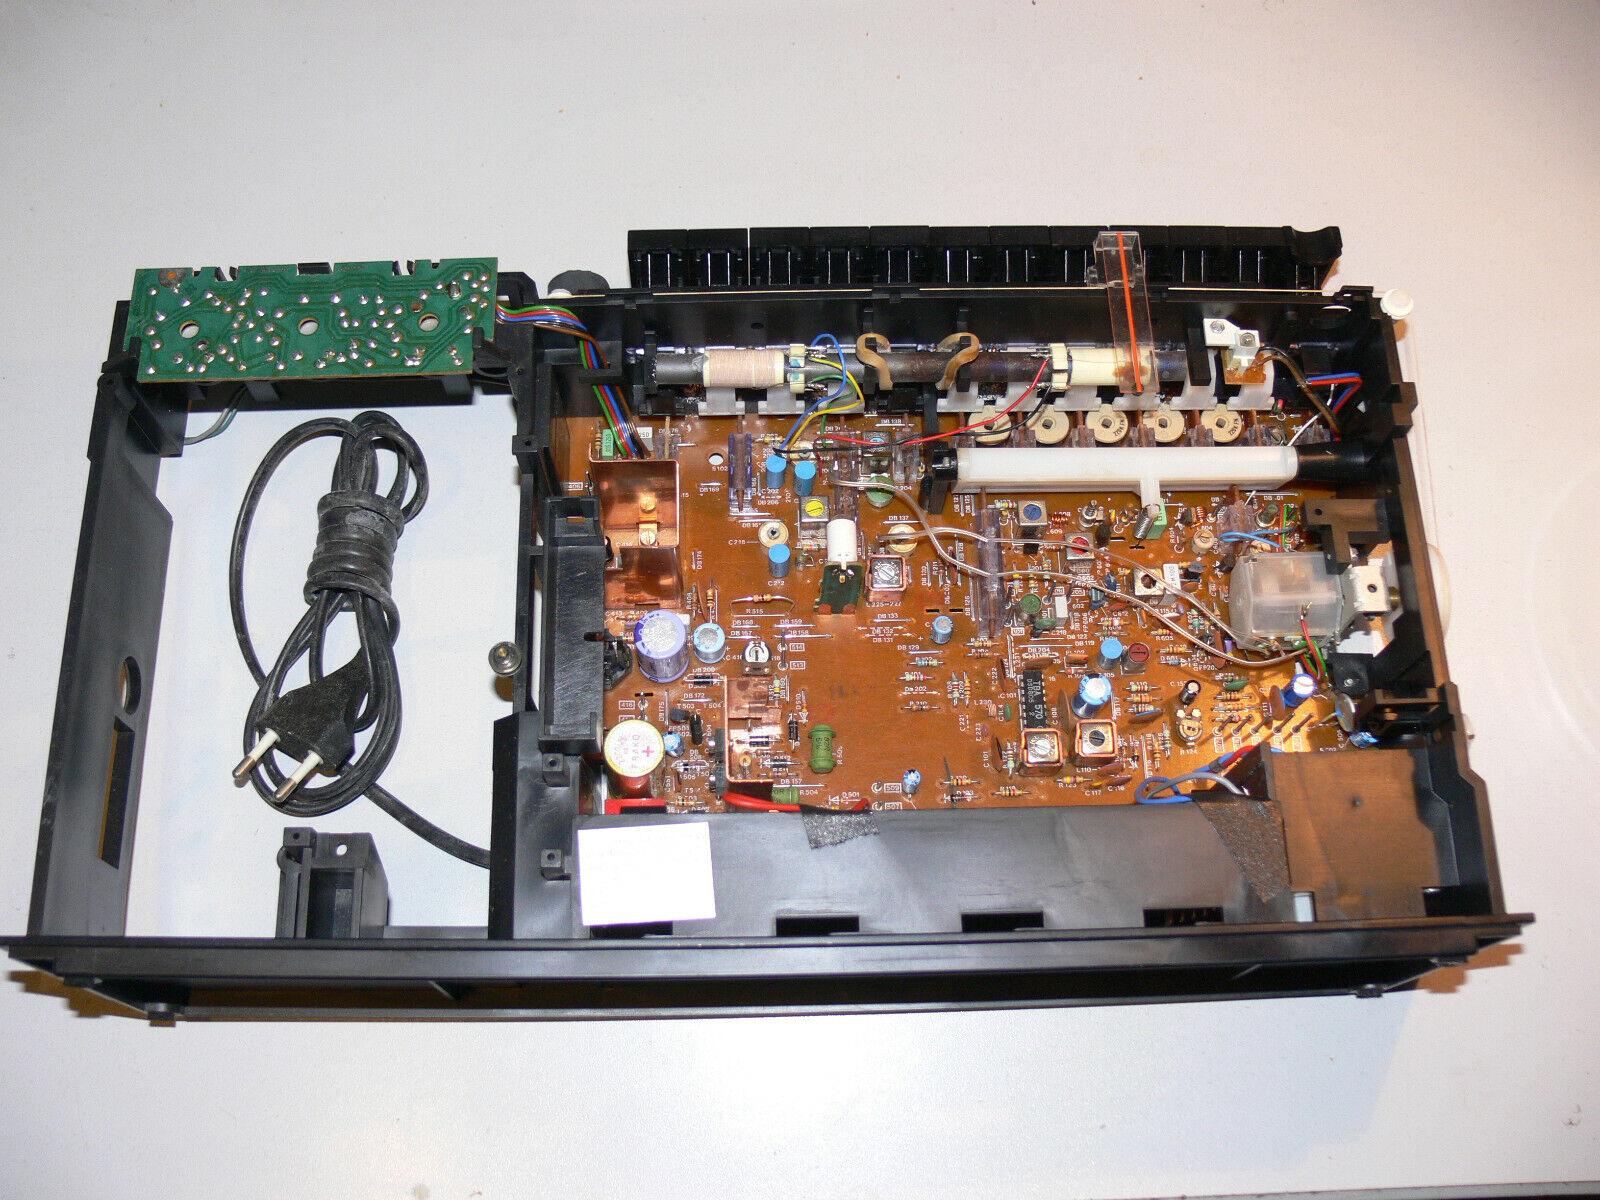 Telefunken Bajazzo CR 6000 Digital neues Radio Cassette Recorder Ersatzteil